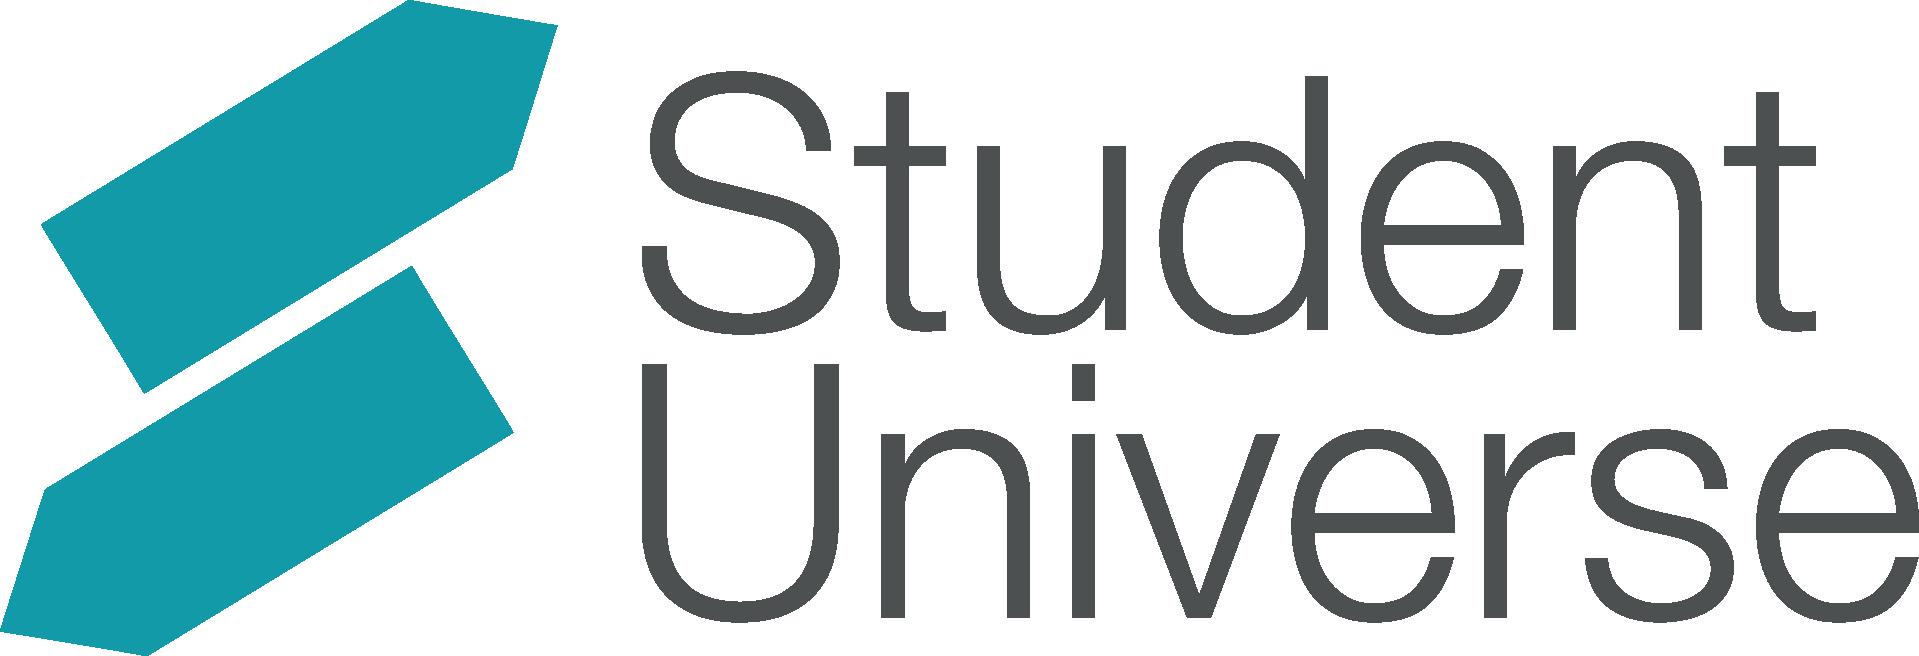 su-stacked-color